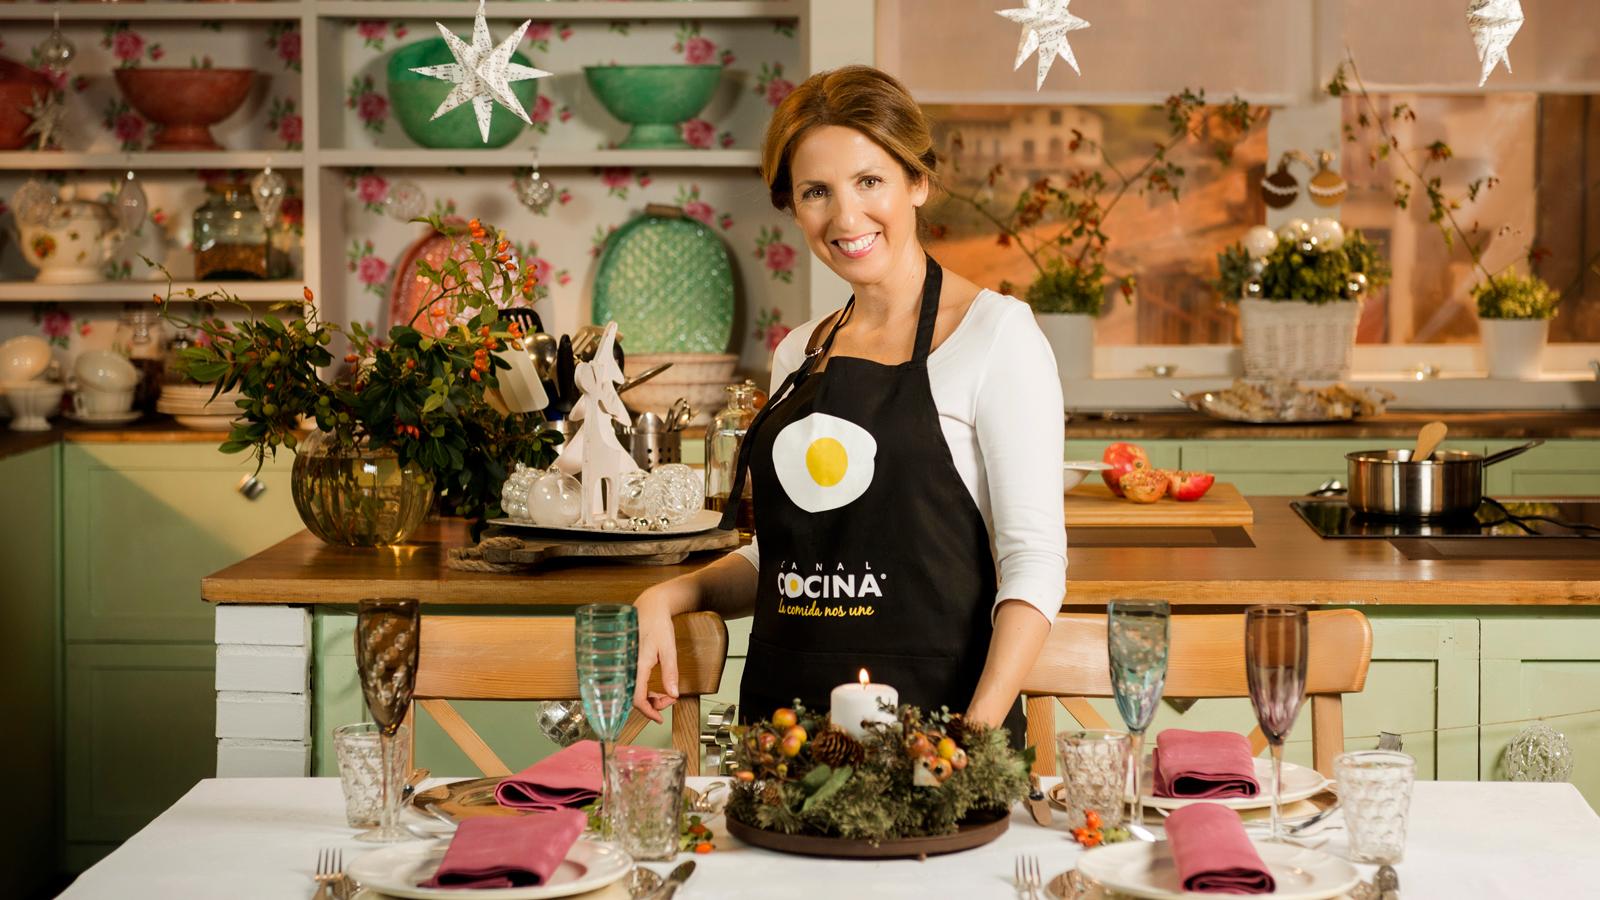 Cocina de familia t6 programas canal cocina for Chema de isidro canal cocina